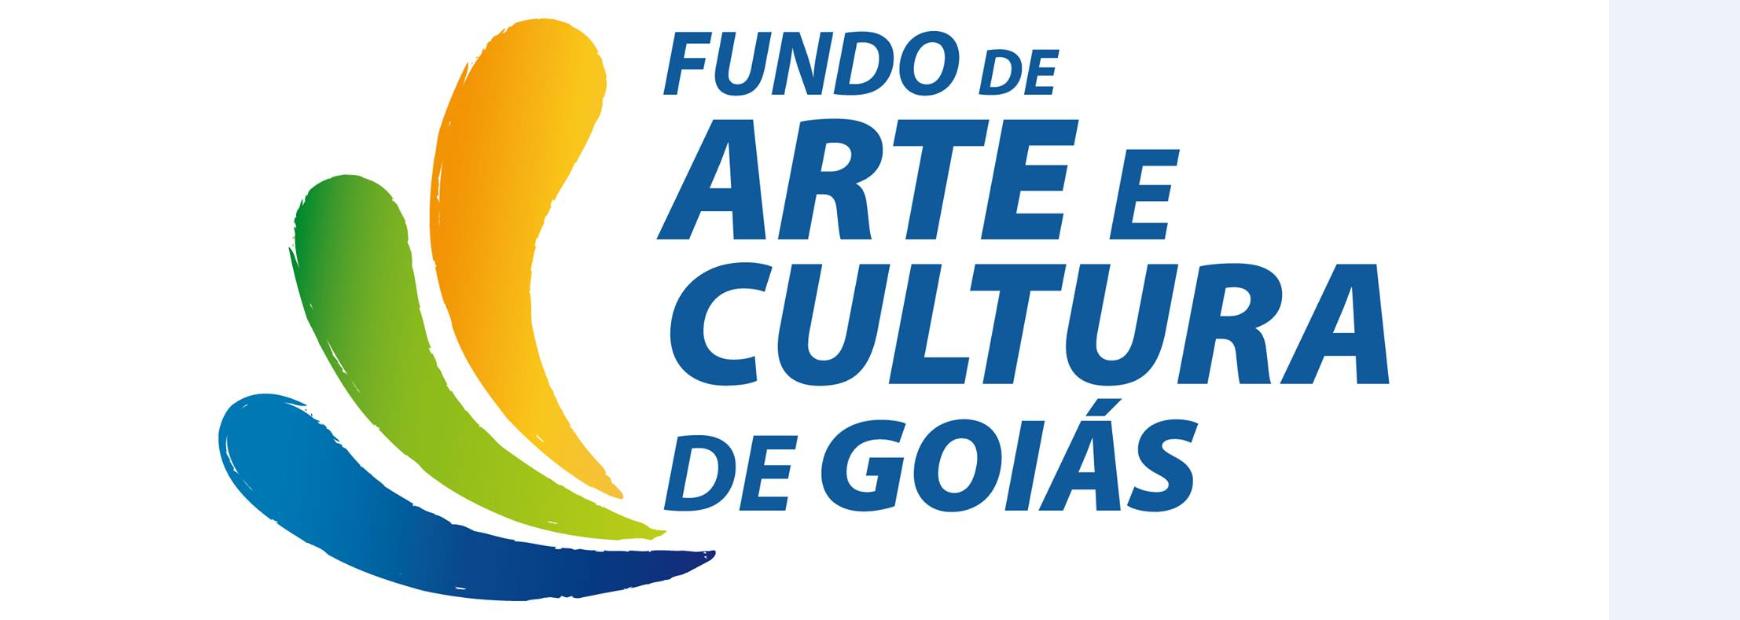 Fundo_de_Arte